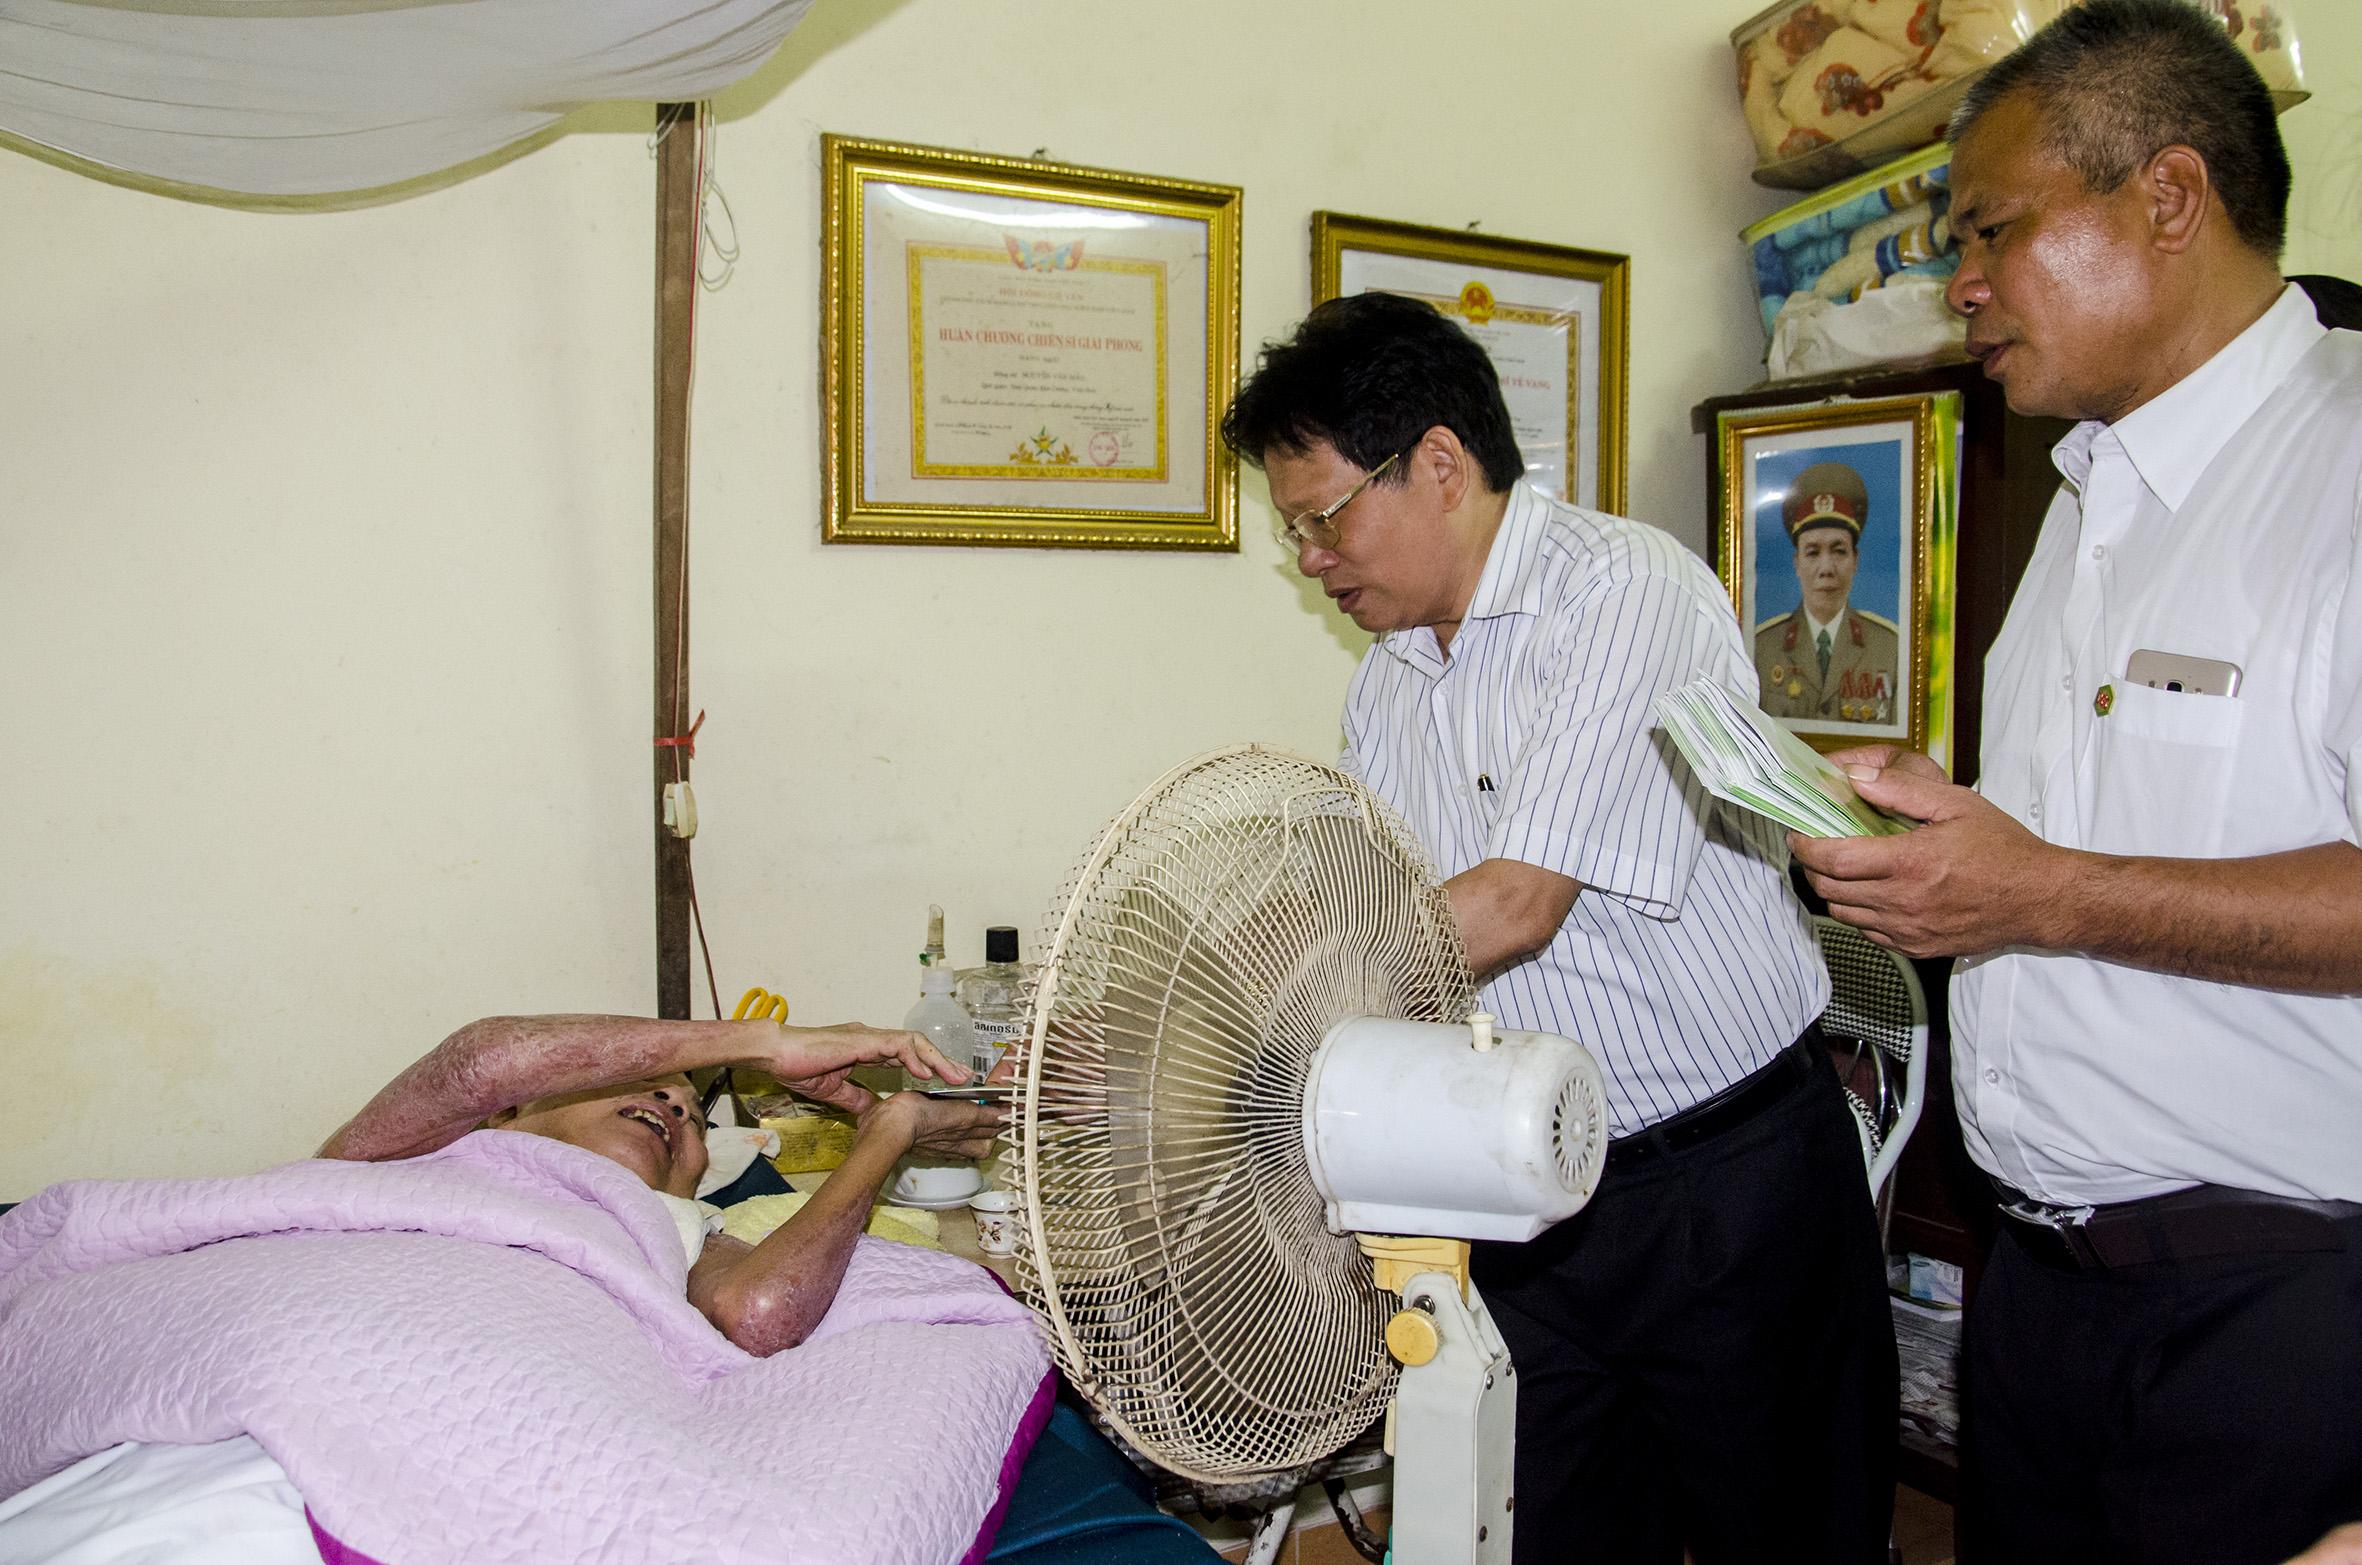 Bột giặt và Hóa chất Đức Giang đến thăm Trung tâm điều dưỡng Thương binh Thuận Thành nhân dịp kỷ niệm 70 năm ngày thương binh liệt sỹ 27/7